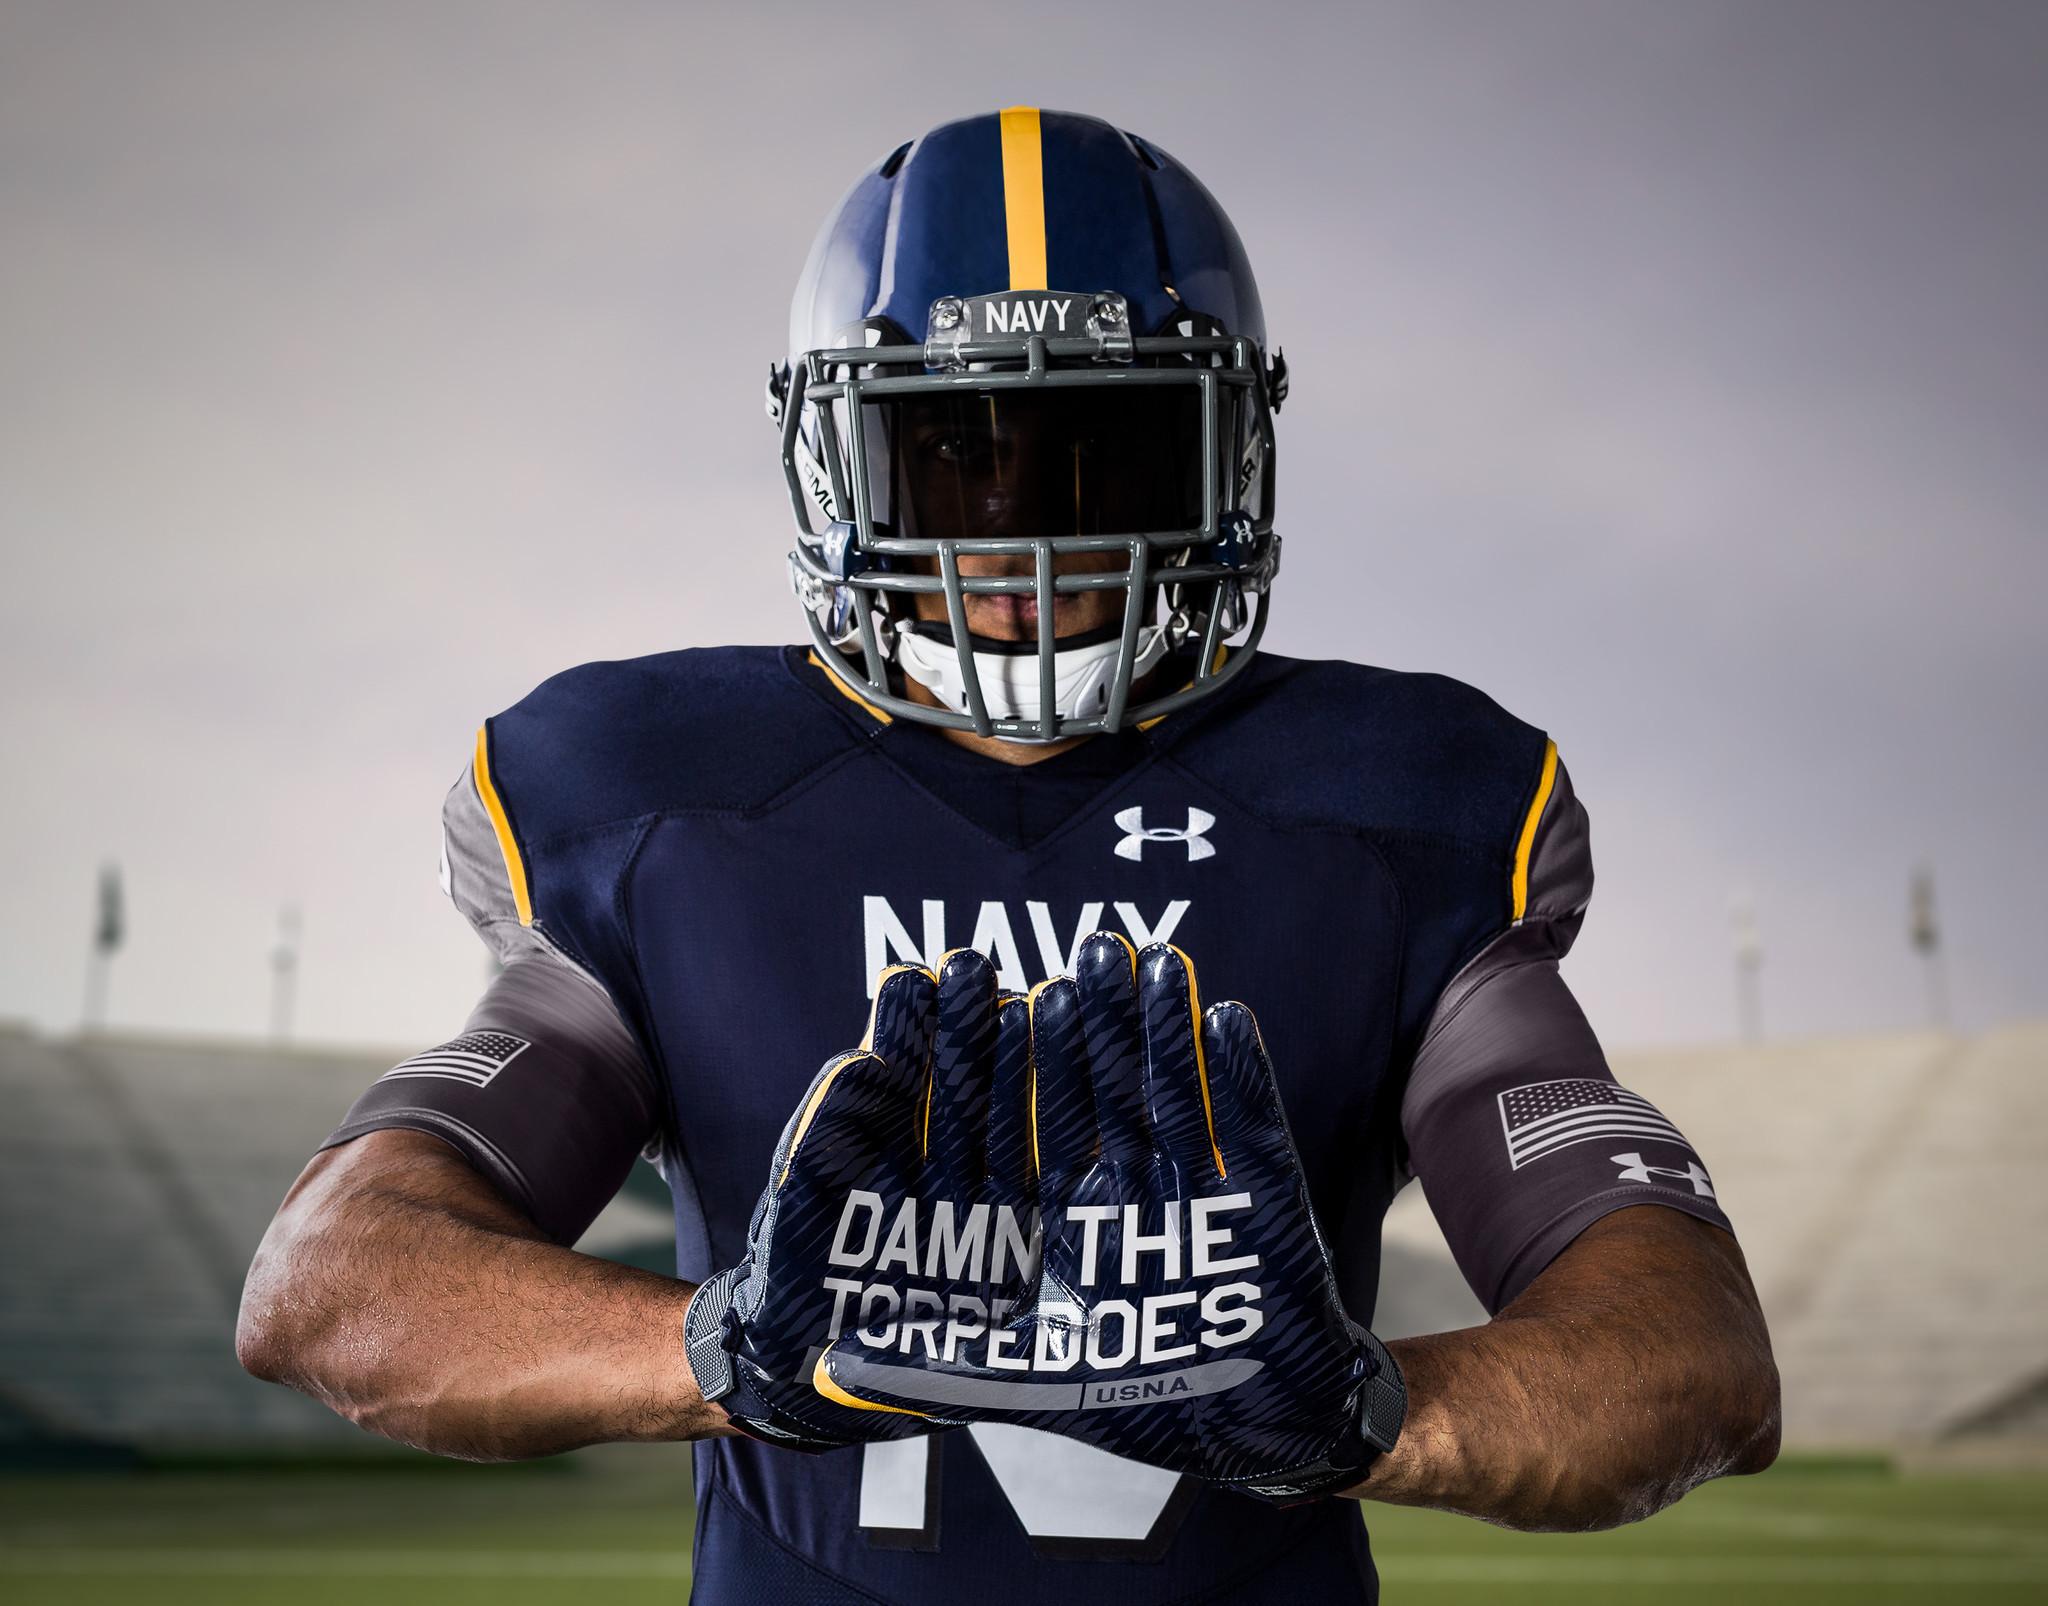 6f01c65b163 Navy  Fleet  helmets